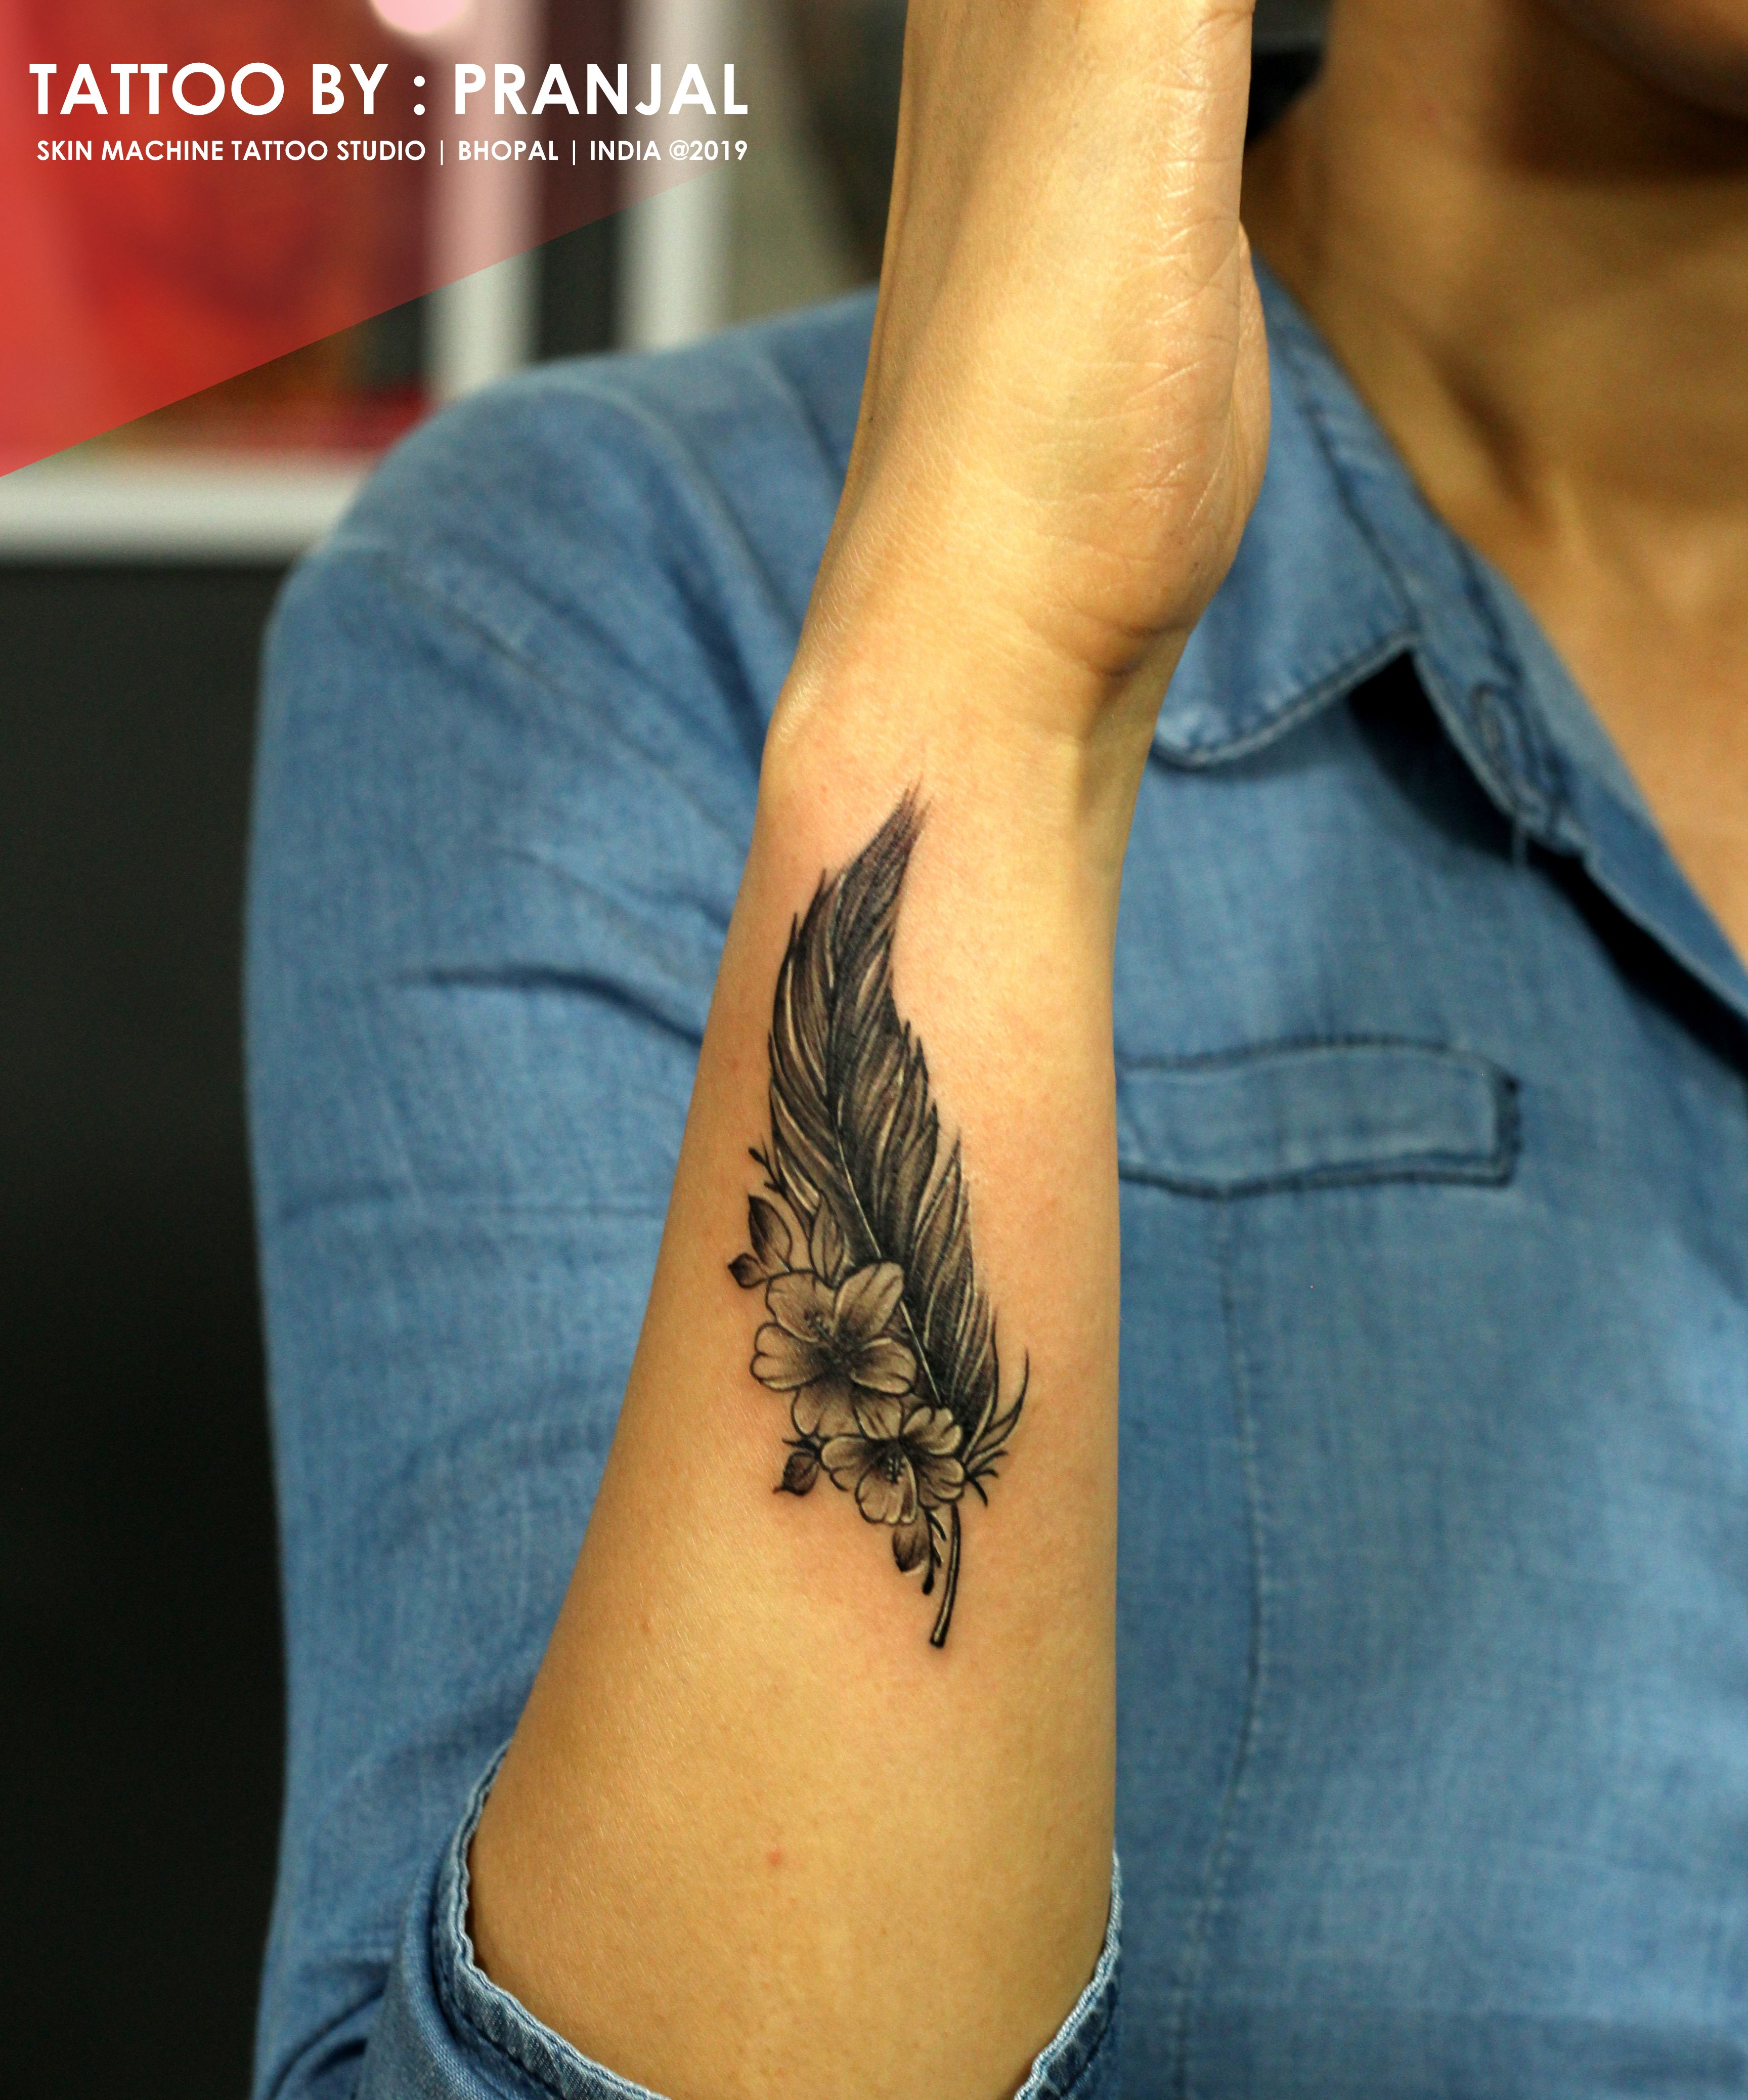 Tattoo Studio Promo | Short video of SKIN MACHINE TATTOO STUDIO | Aakash Chandani